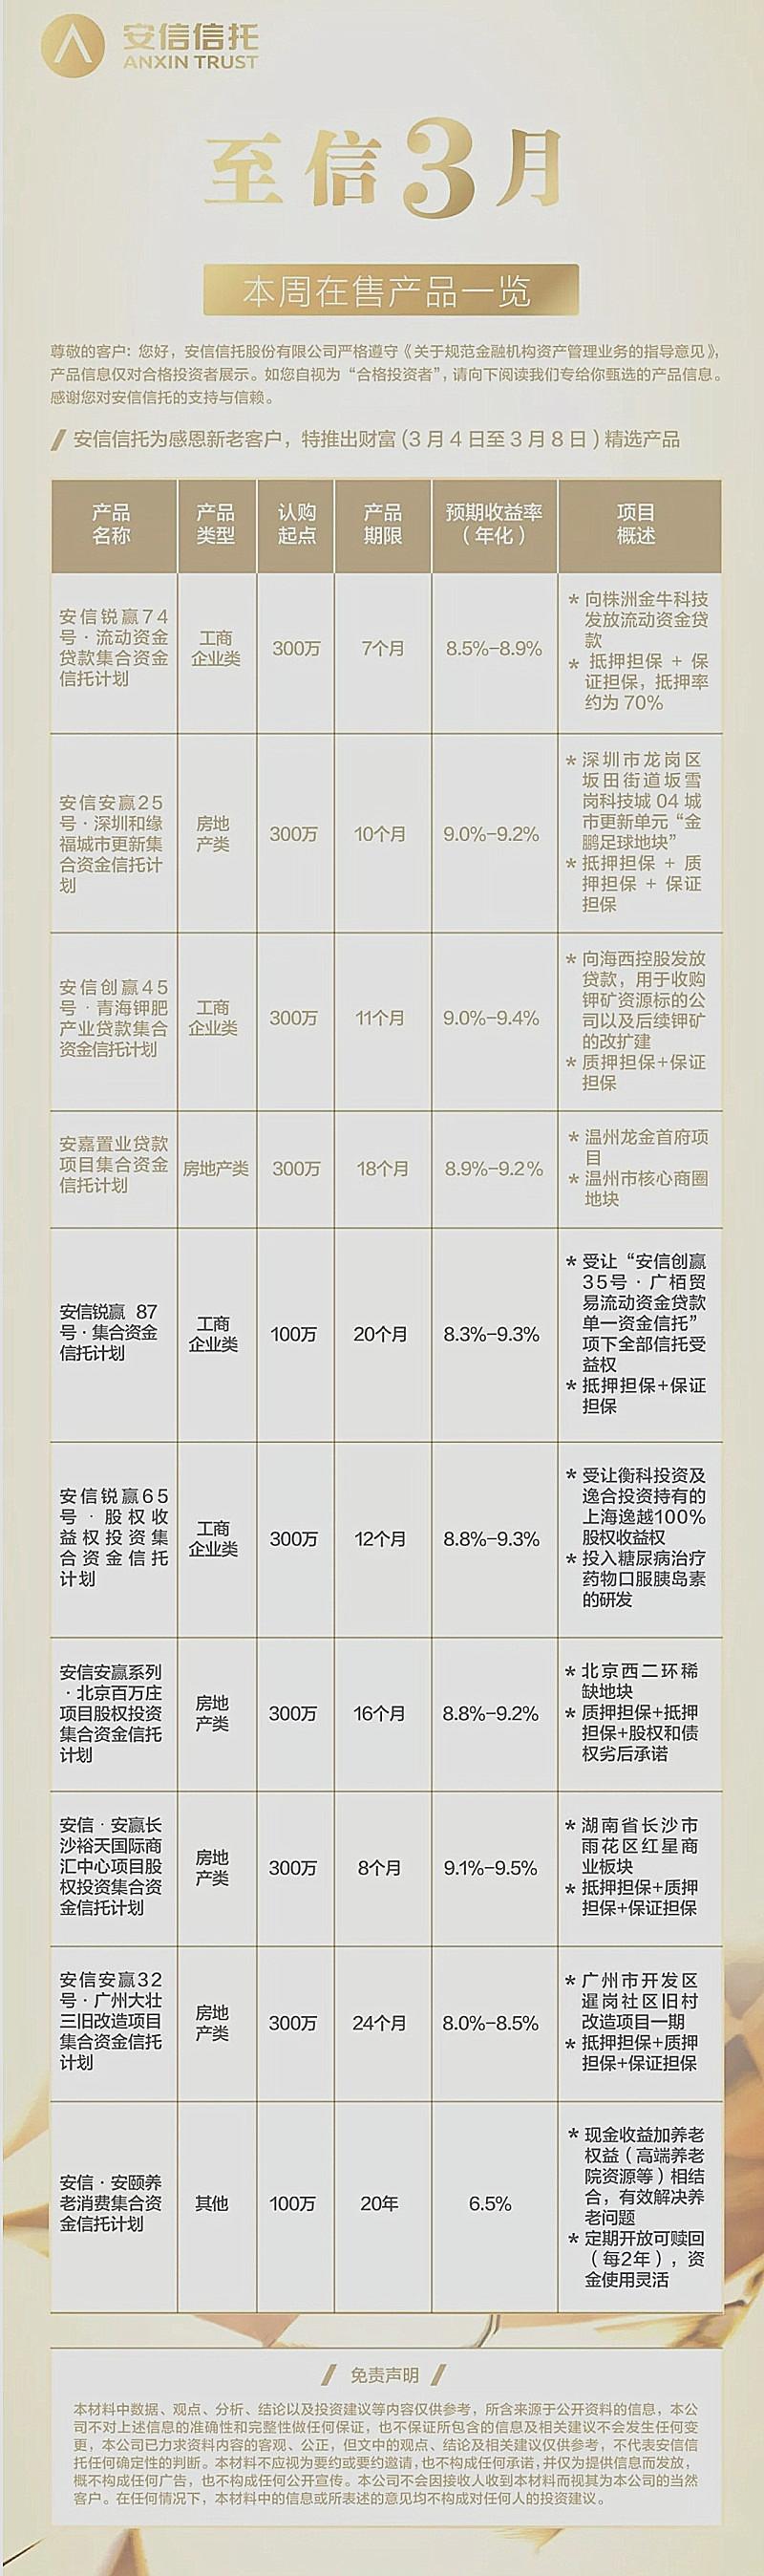 安信信托本周精选在售热销信托产品一览(03.04-03.08)